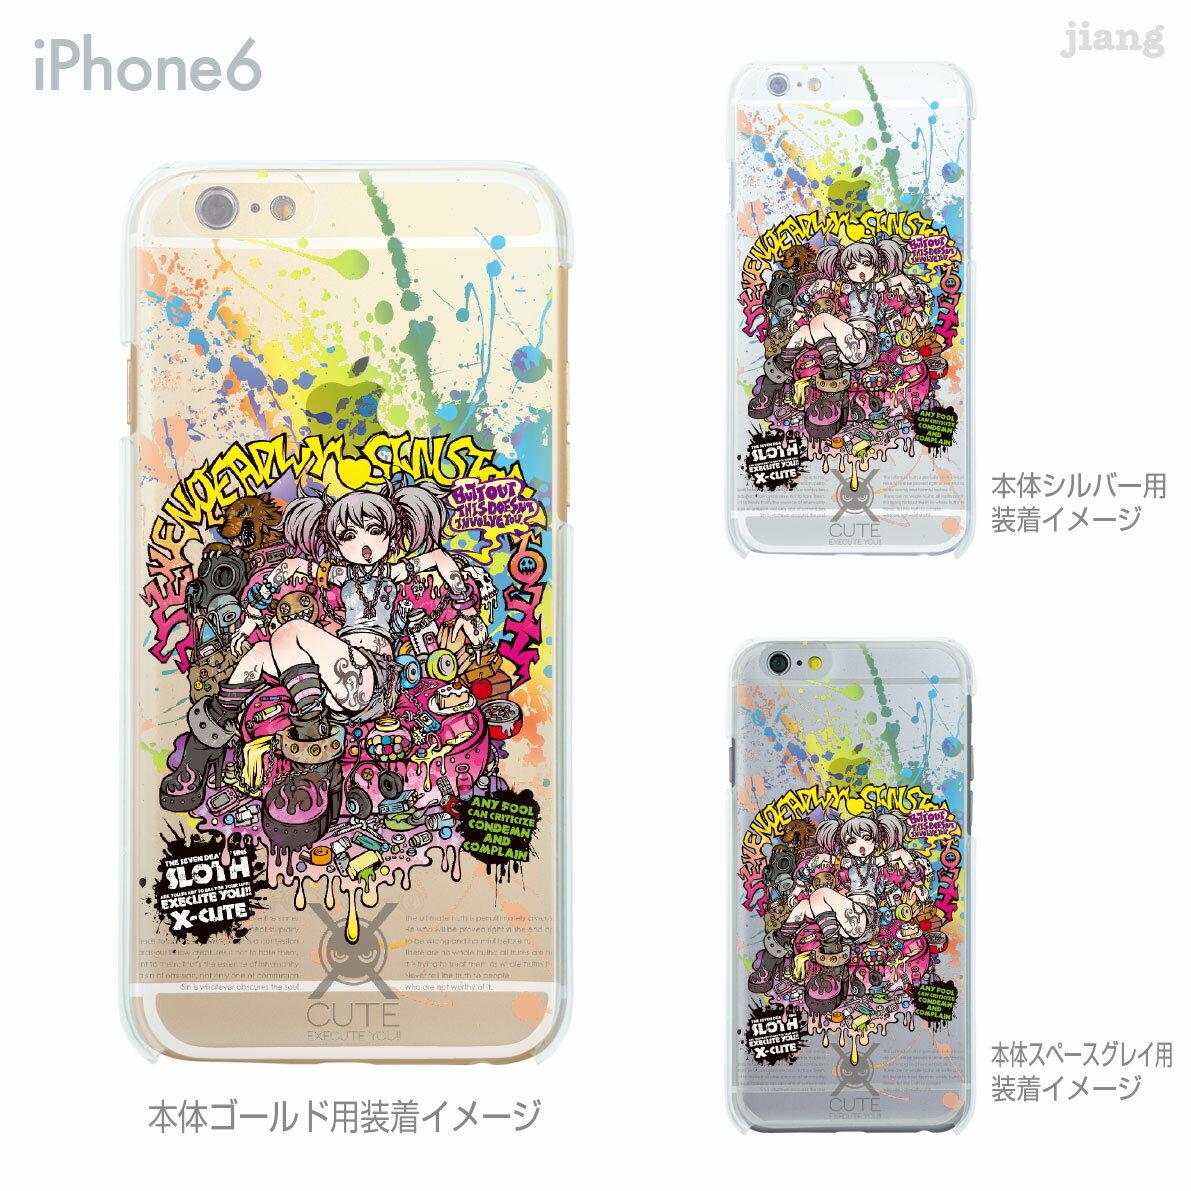 iPhoneX iPhone X ケース iPhone8 iPhone7ケース iPhone7 Plus iPhone6s iPhone6 Plus iphone ハードケース Clear Arts ケース カバー スマホケース クリアケース Project.C.K. 怠惰 11-ip6-ca0020-s